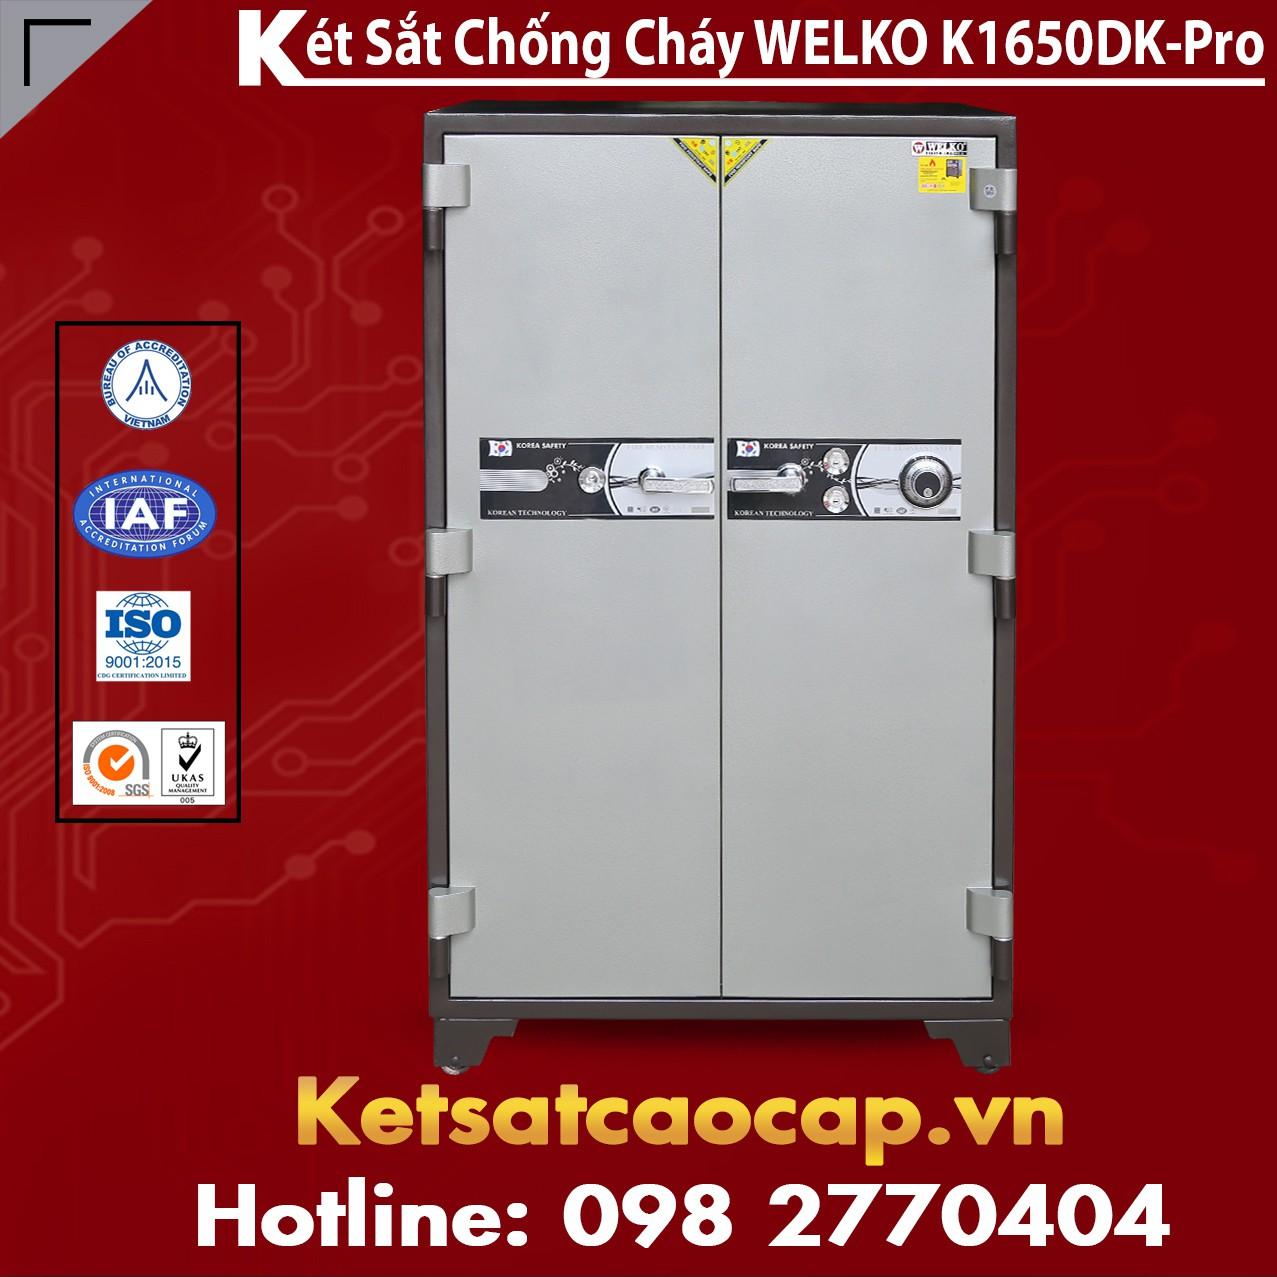 Két Sắt Chống Cháy Welko K1650 DK - Pro